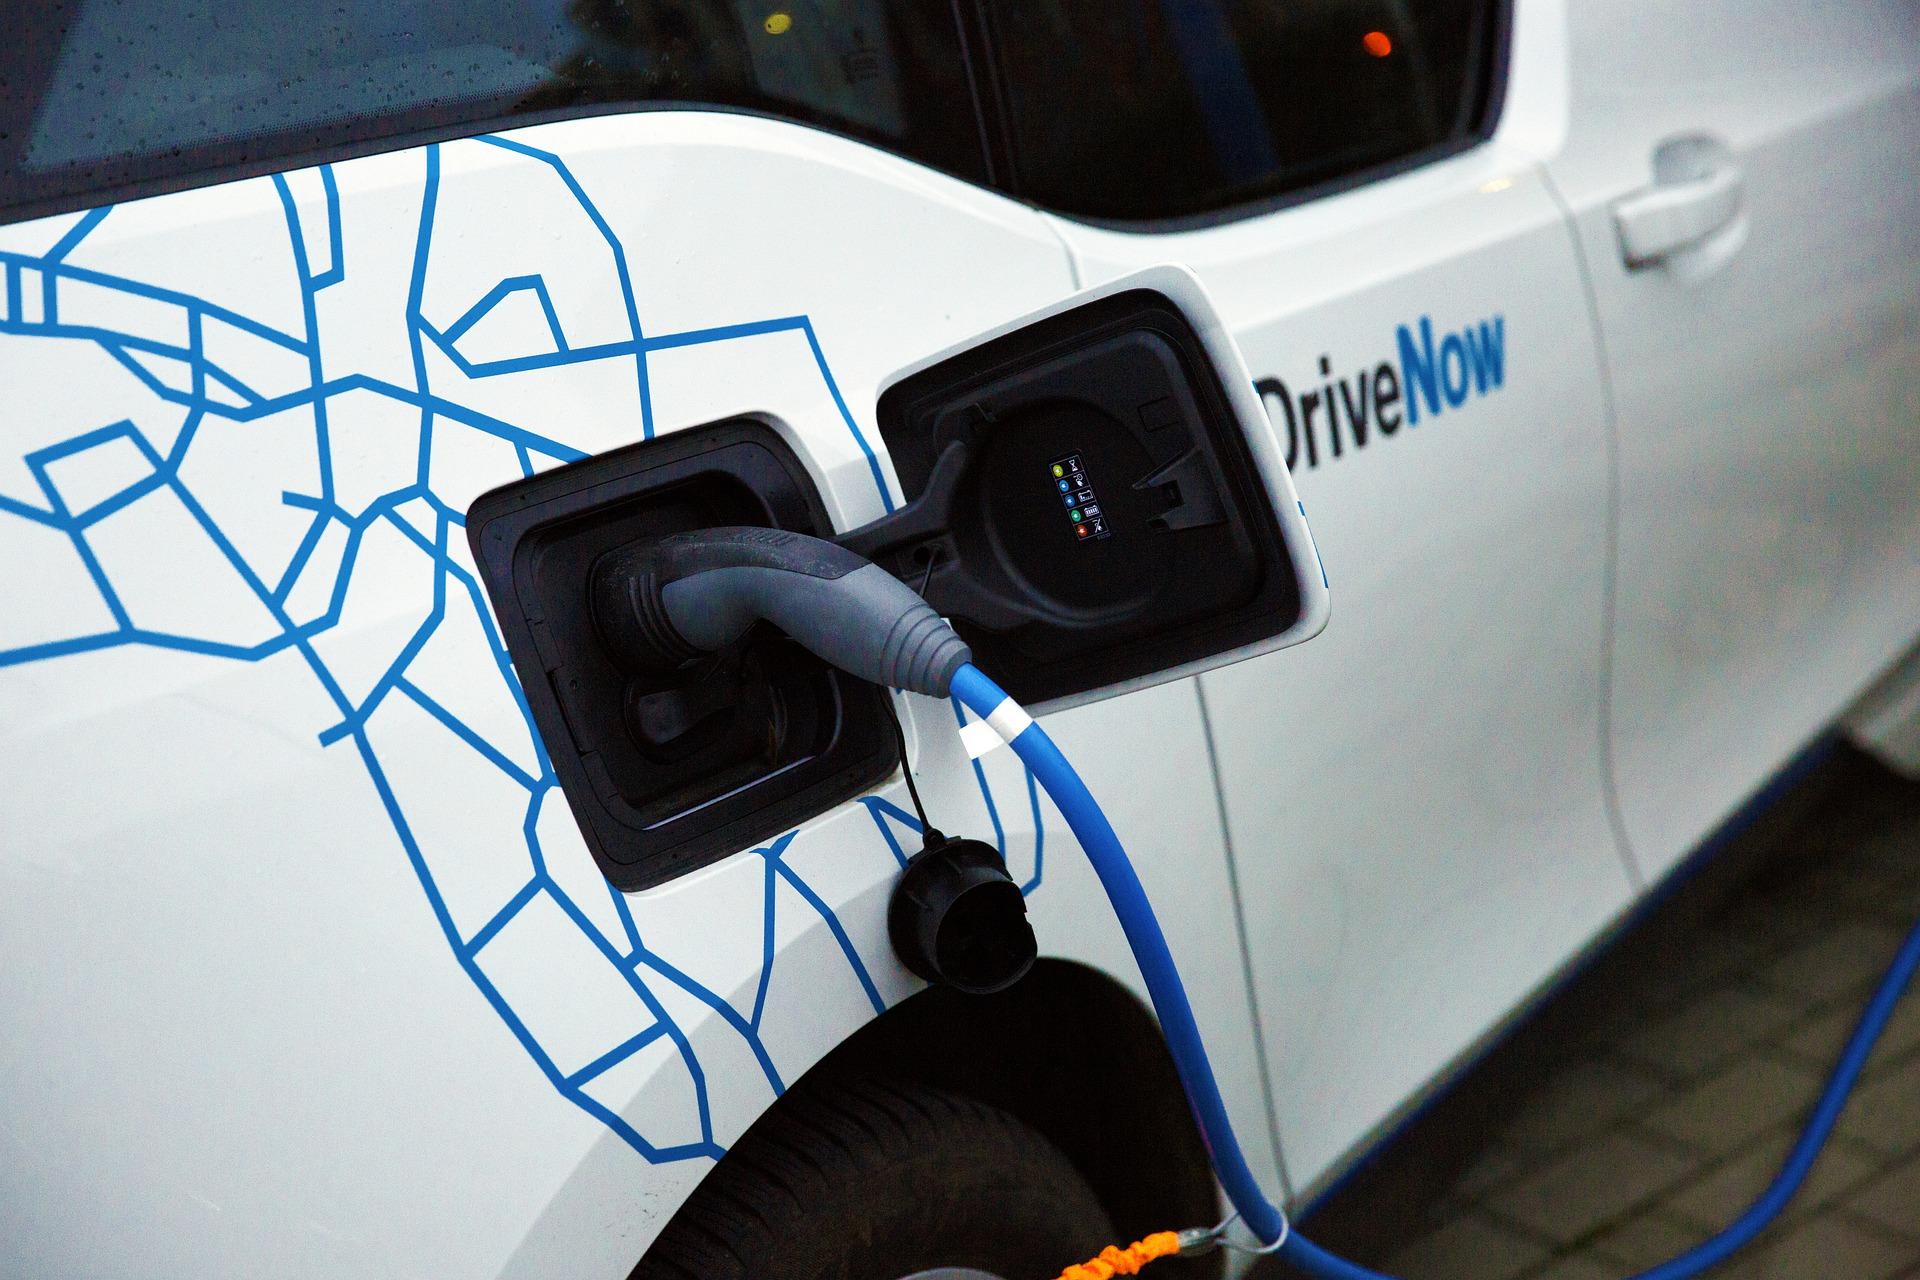 etats-unis joe biden cap voiture electrique sans tesla - L'Energeek